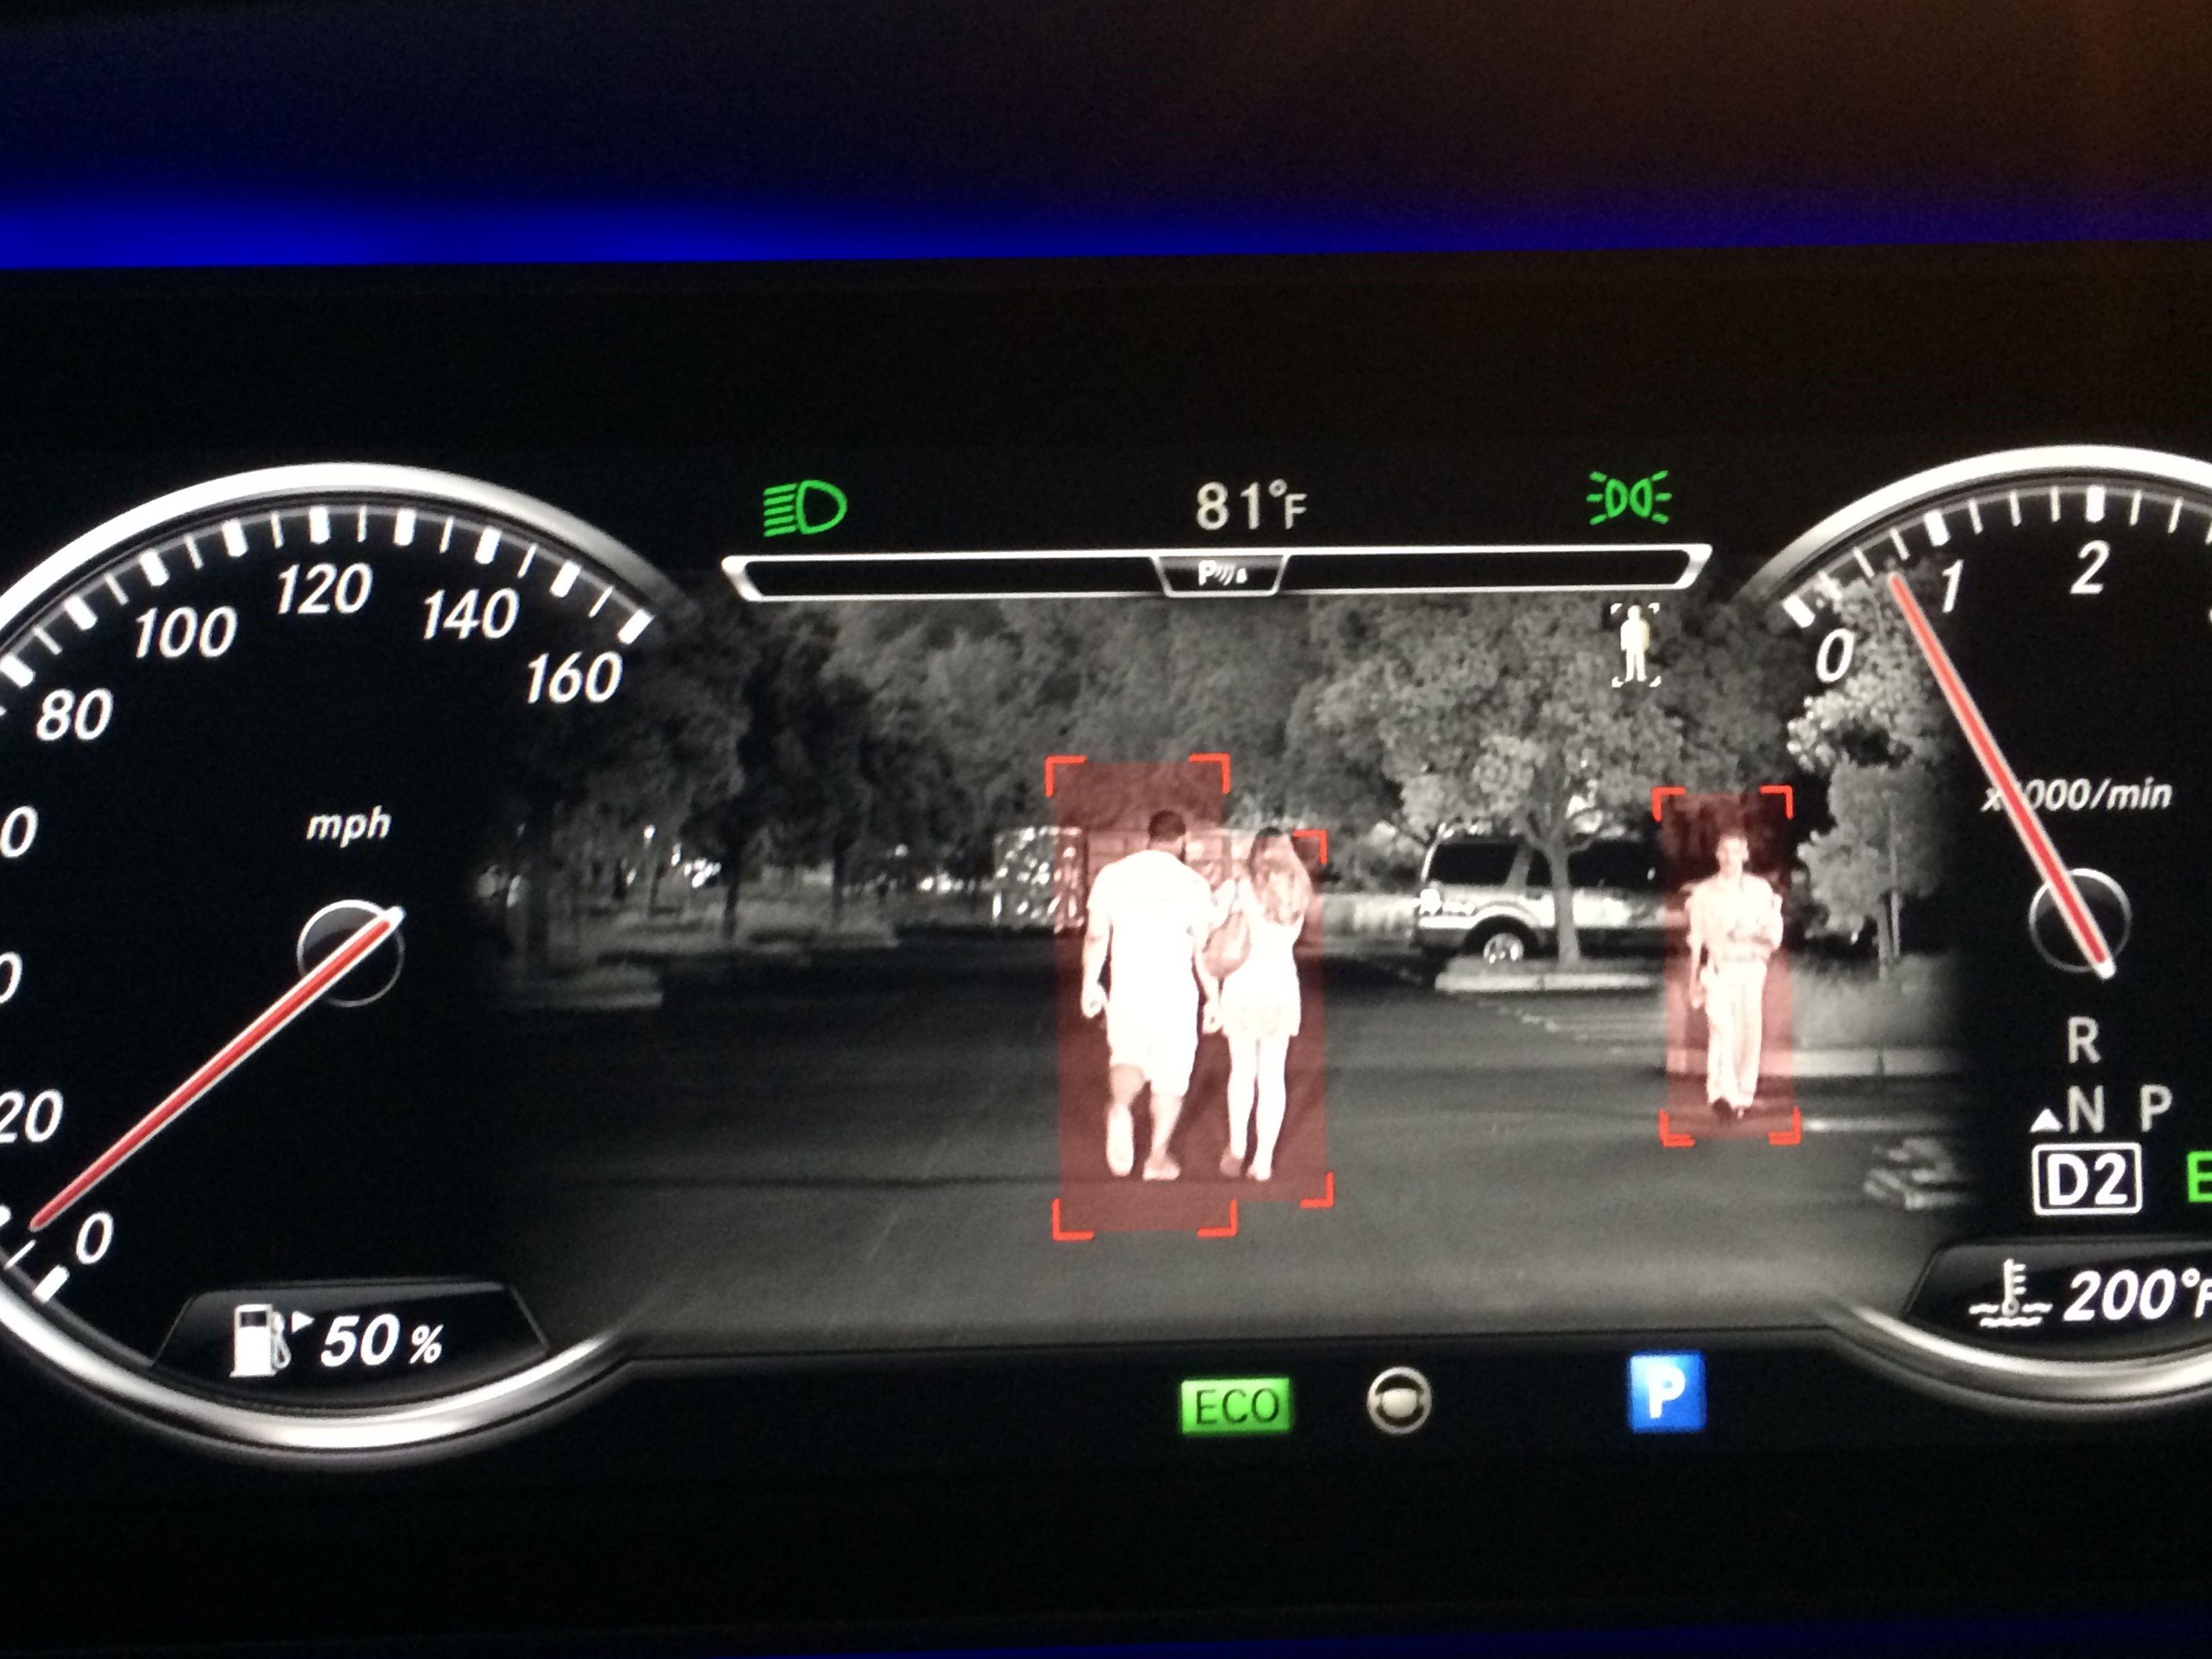 Sóng hồng ngoại giúp người lái có thể quan sát những chướng ngại vật phía trước